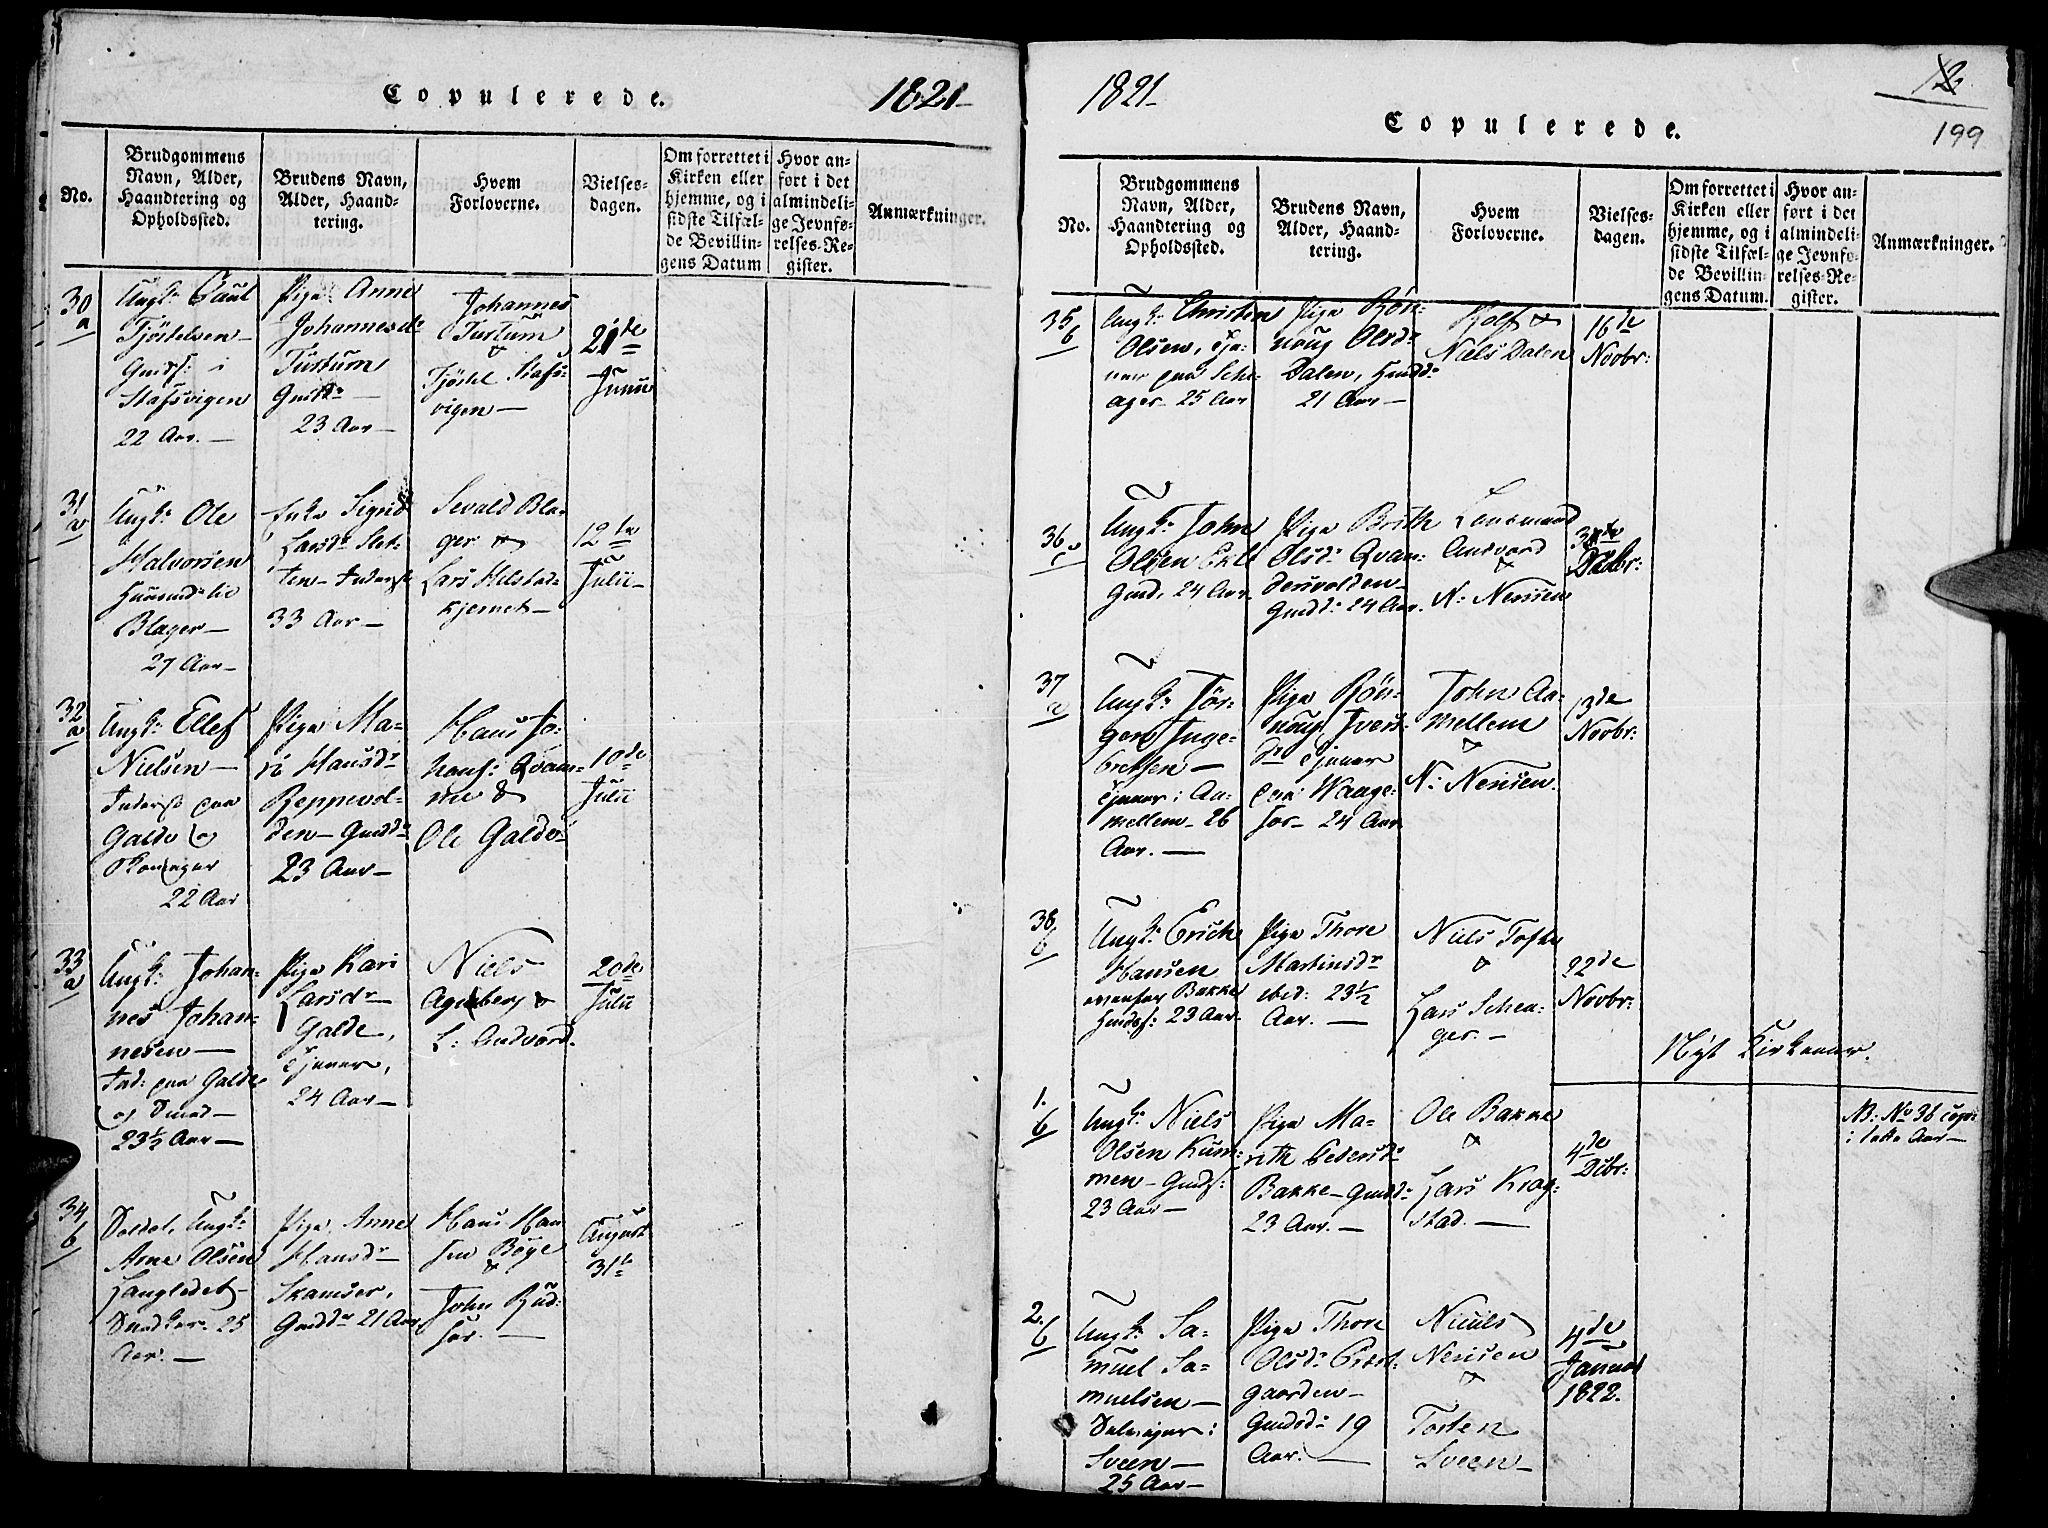 SAH, Lom prestekontor, K/L0004: Ministerialbok nr. 4, 1815-1825, s. 199